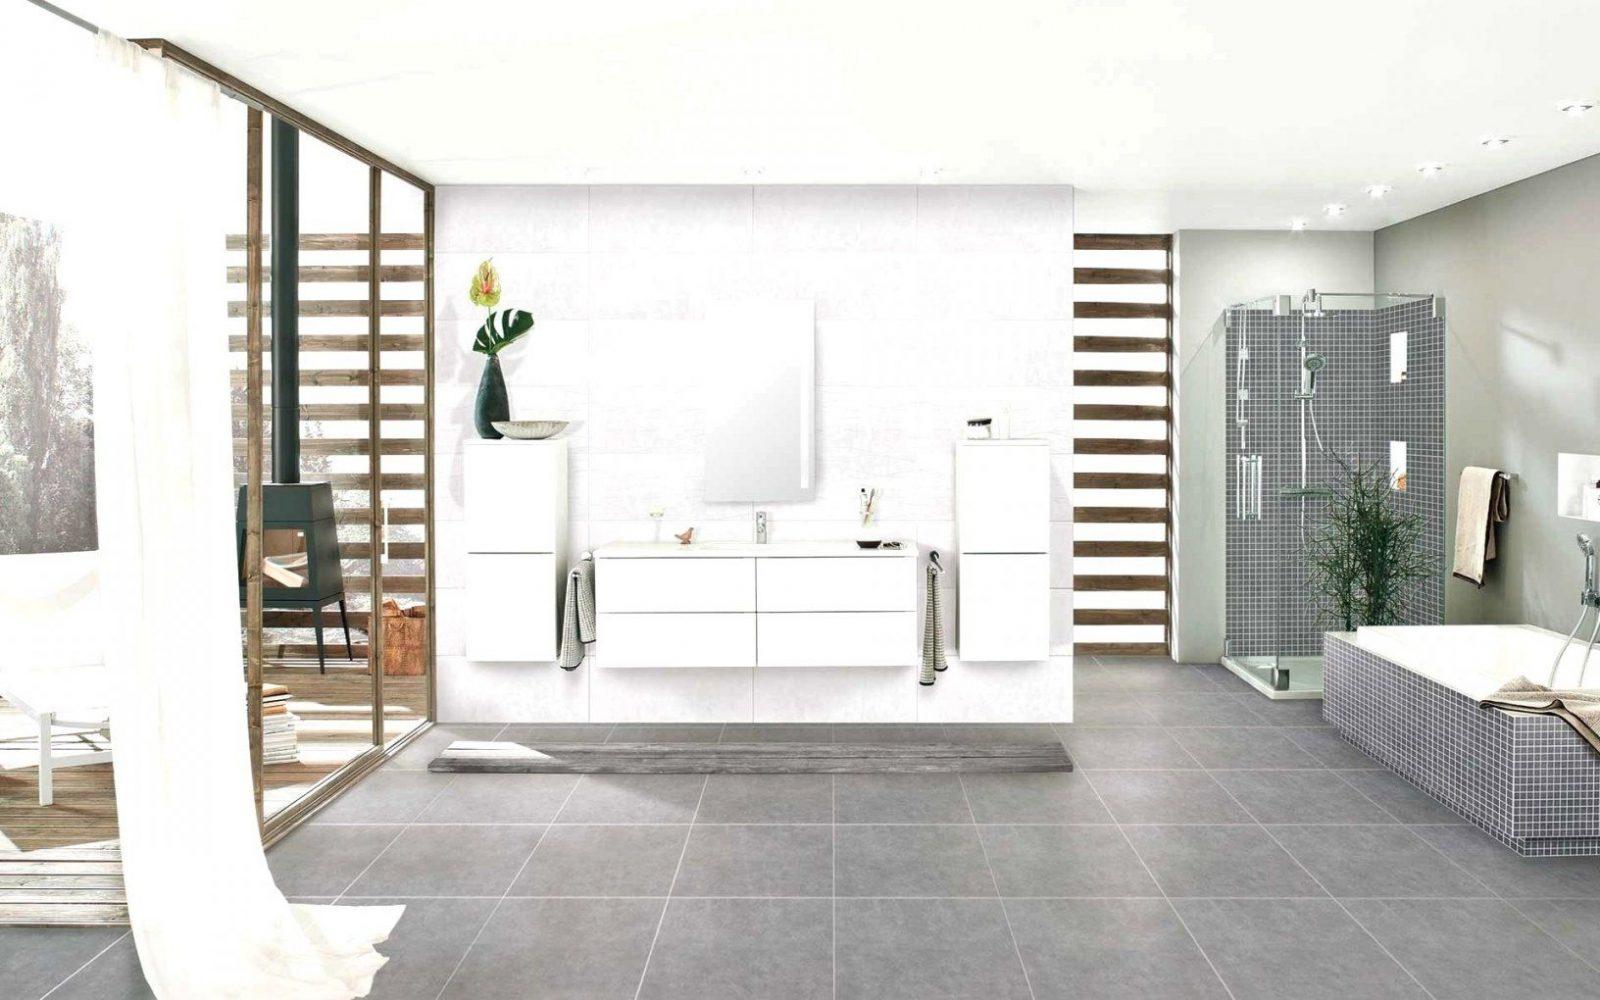 Inspirierend Mosaik Fliesen Bad Grau Mit Upgrades Fã R Ihr von Mosaik Fliesen Bad Grau Bild